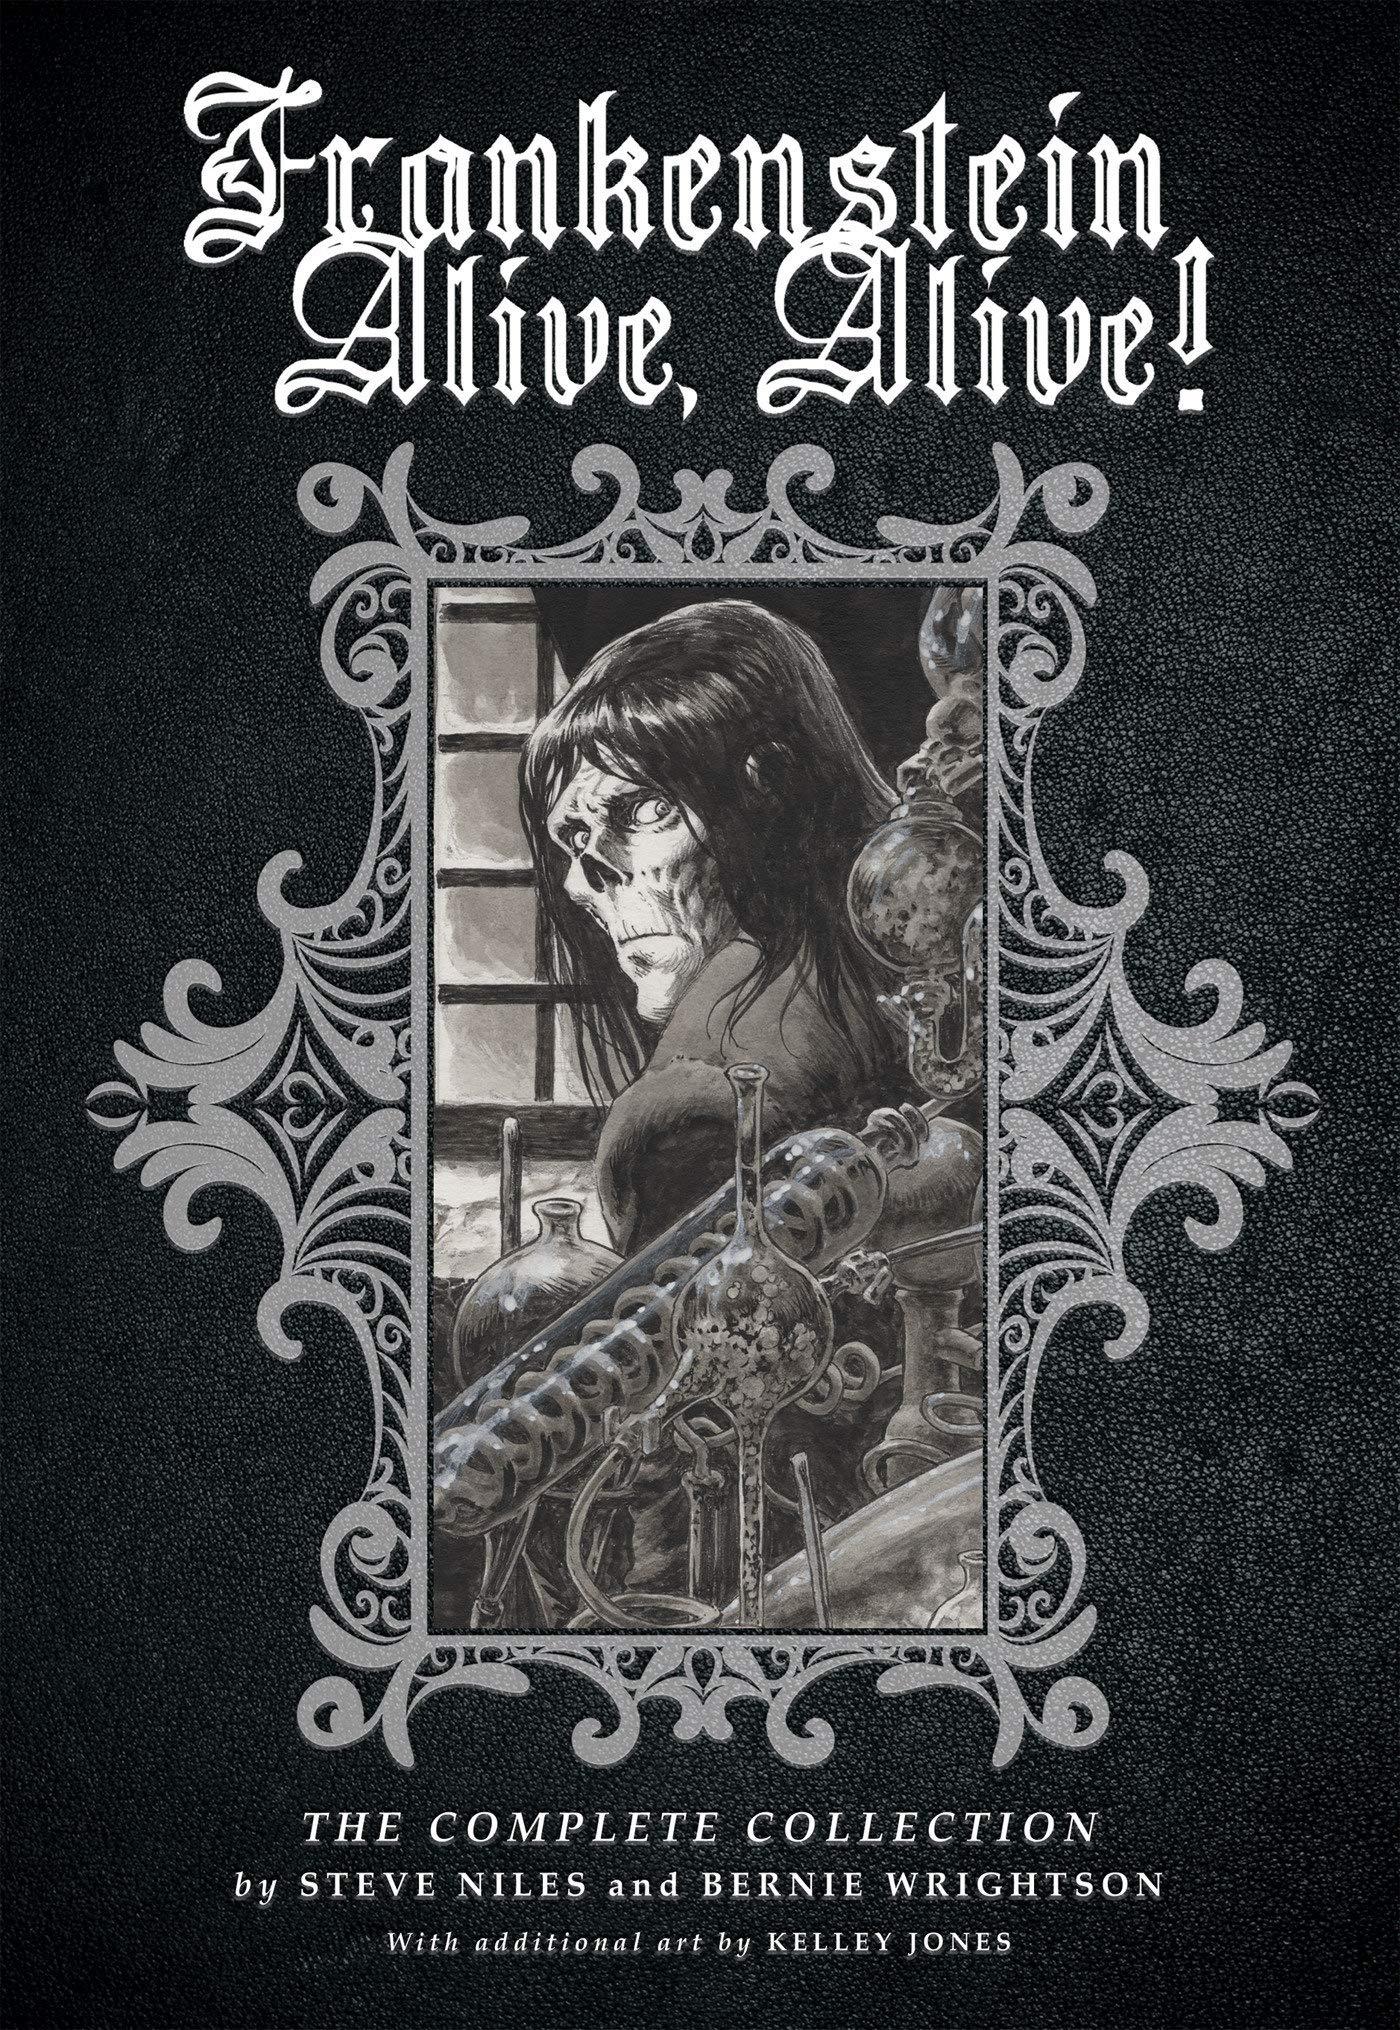 Frankenstein Alive Alive The Complete Collection Steve